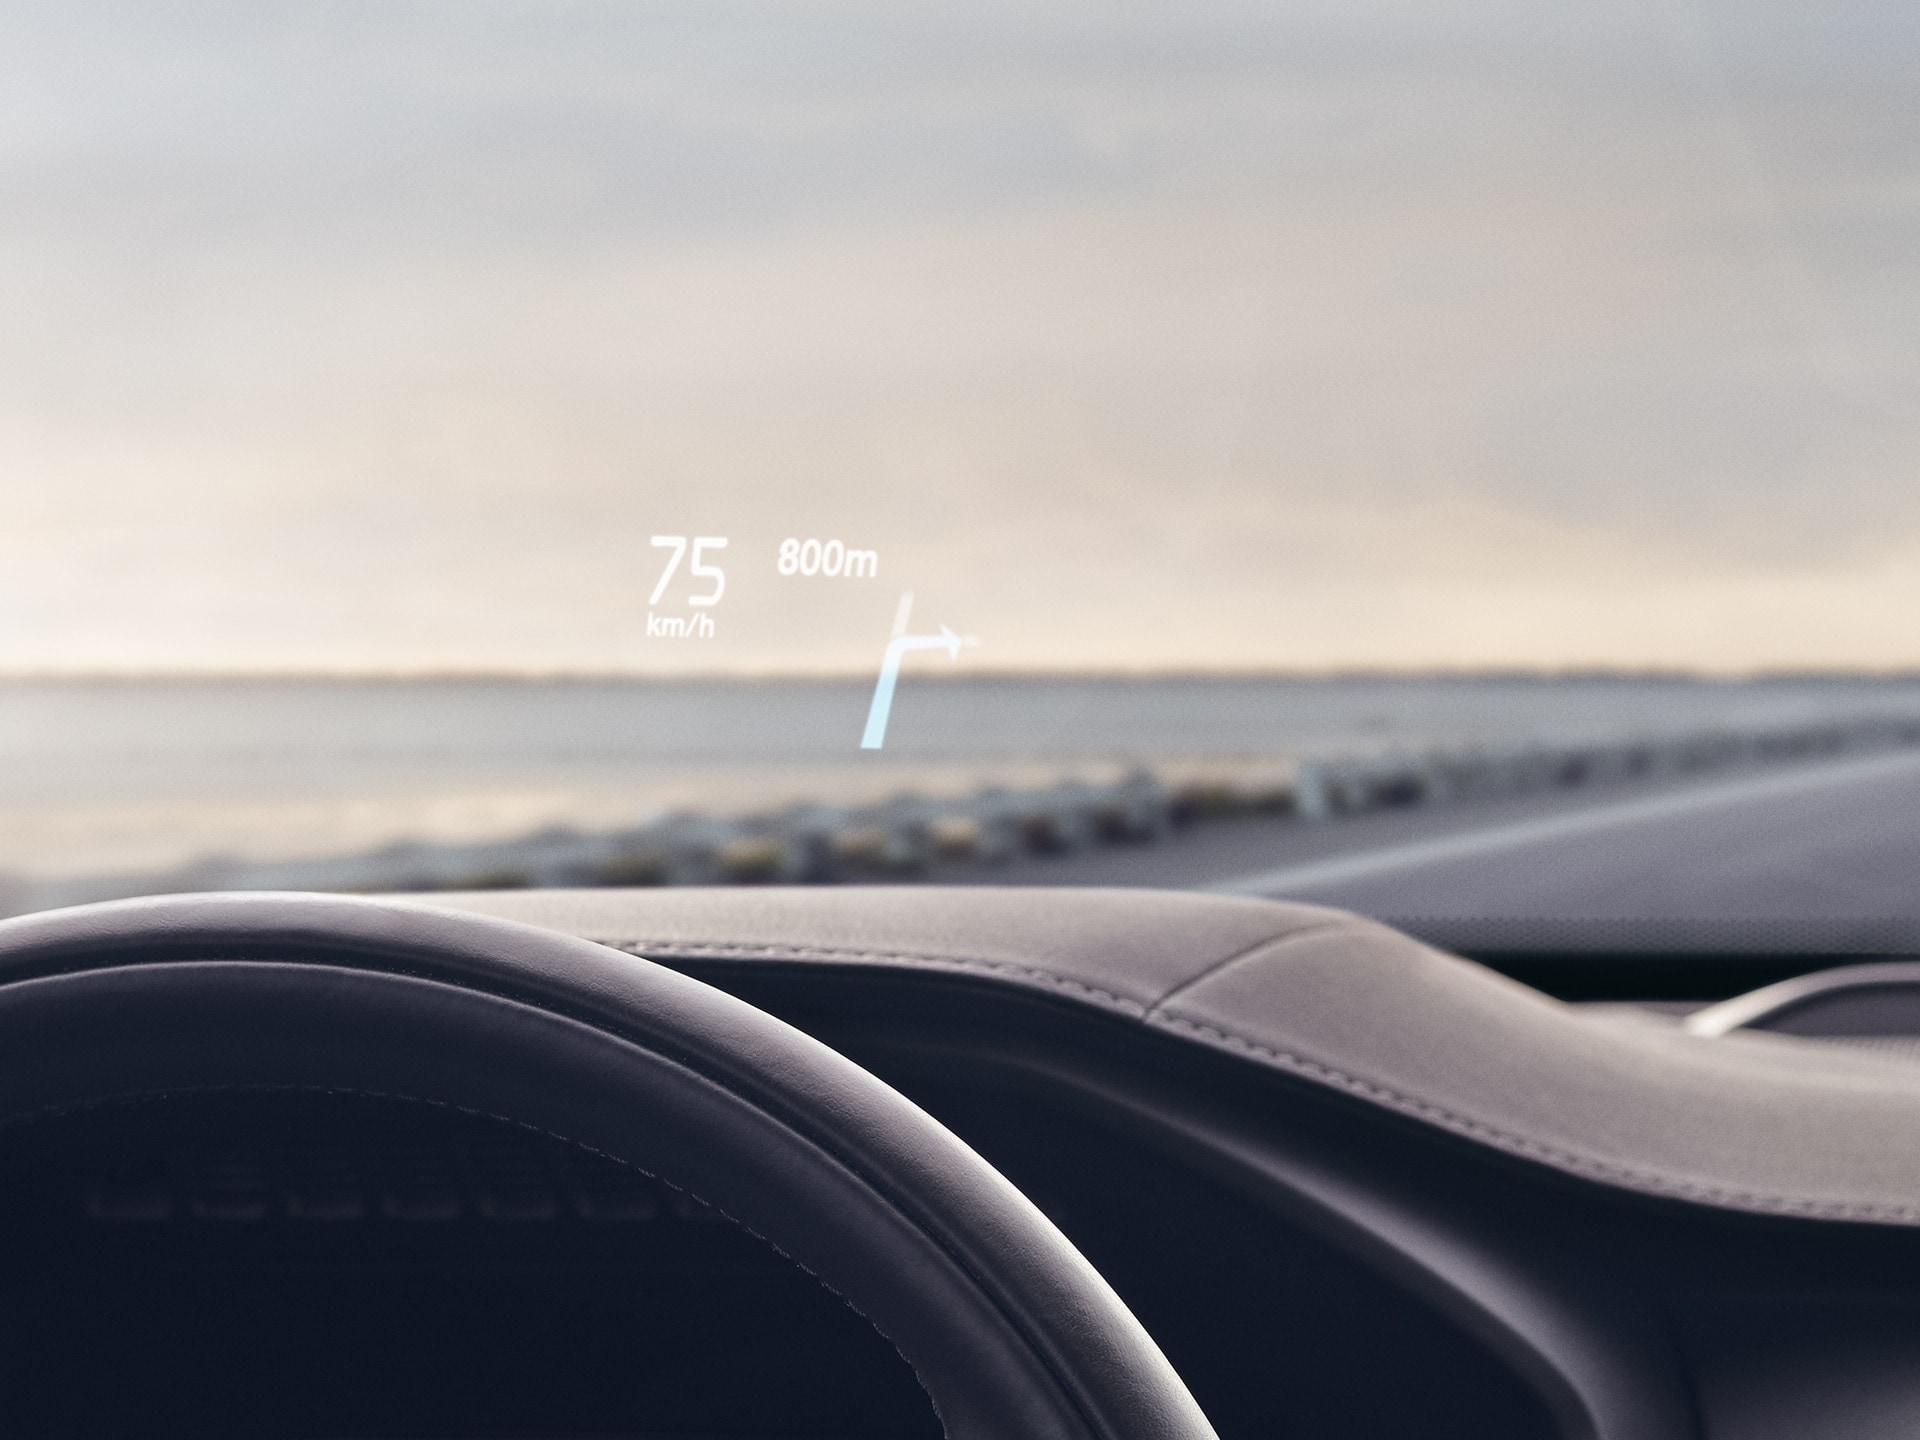 Interno di una Volvo, la velocità di guida è visualizzata sul parabrezza